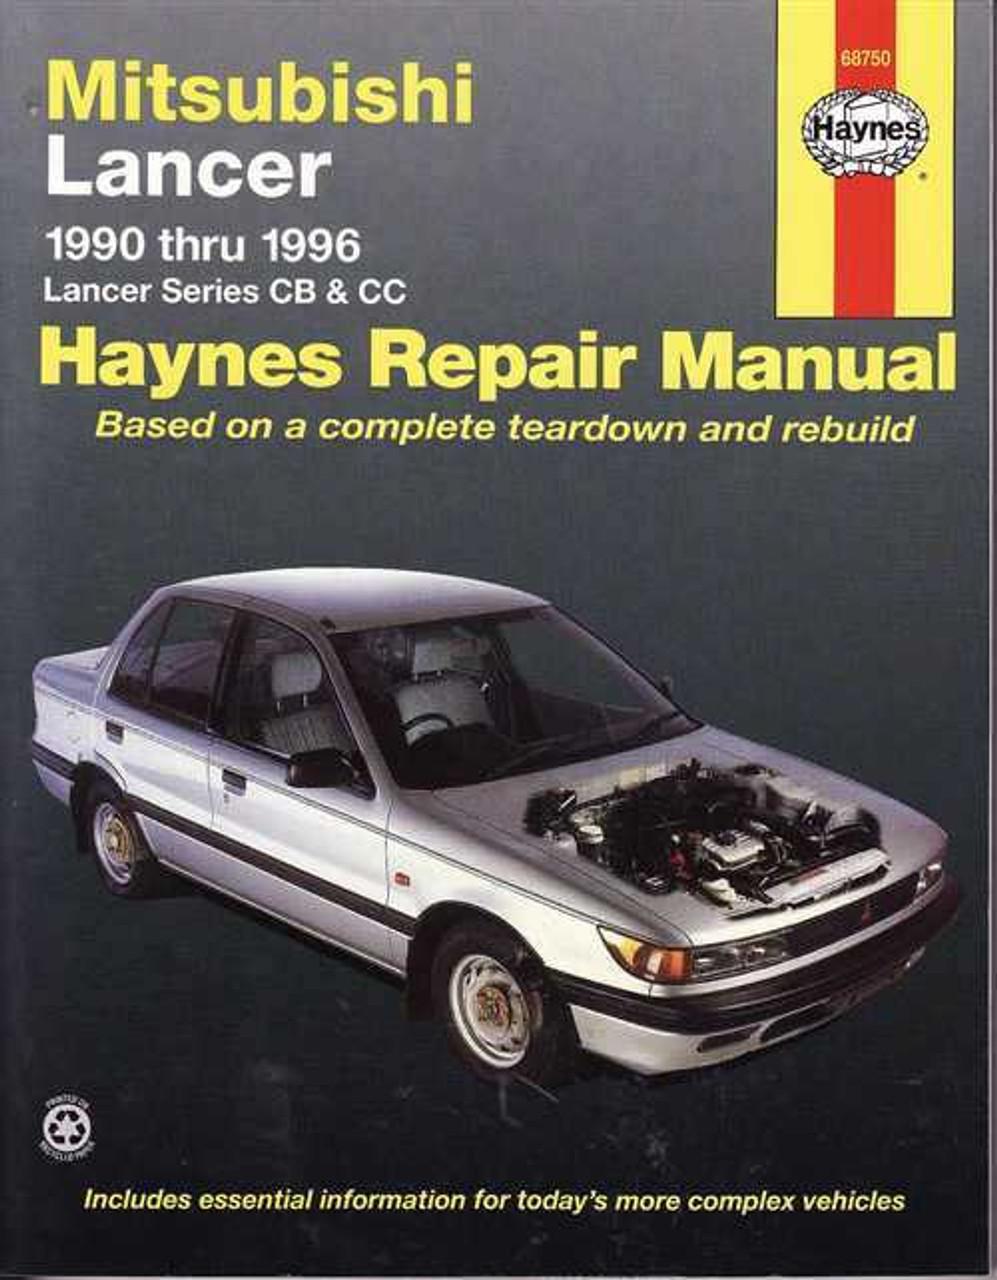 2002 mitsubishi lancer repair manual